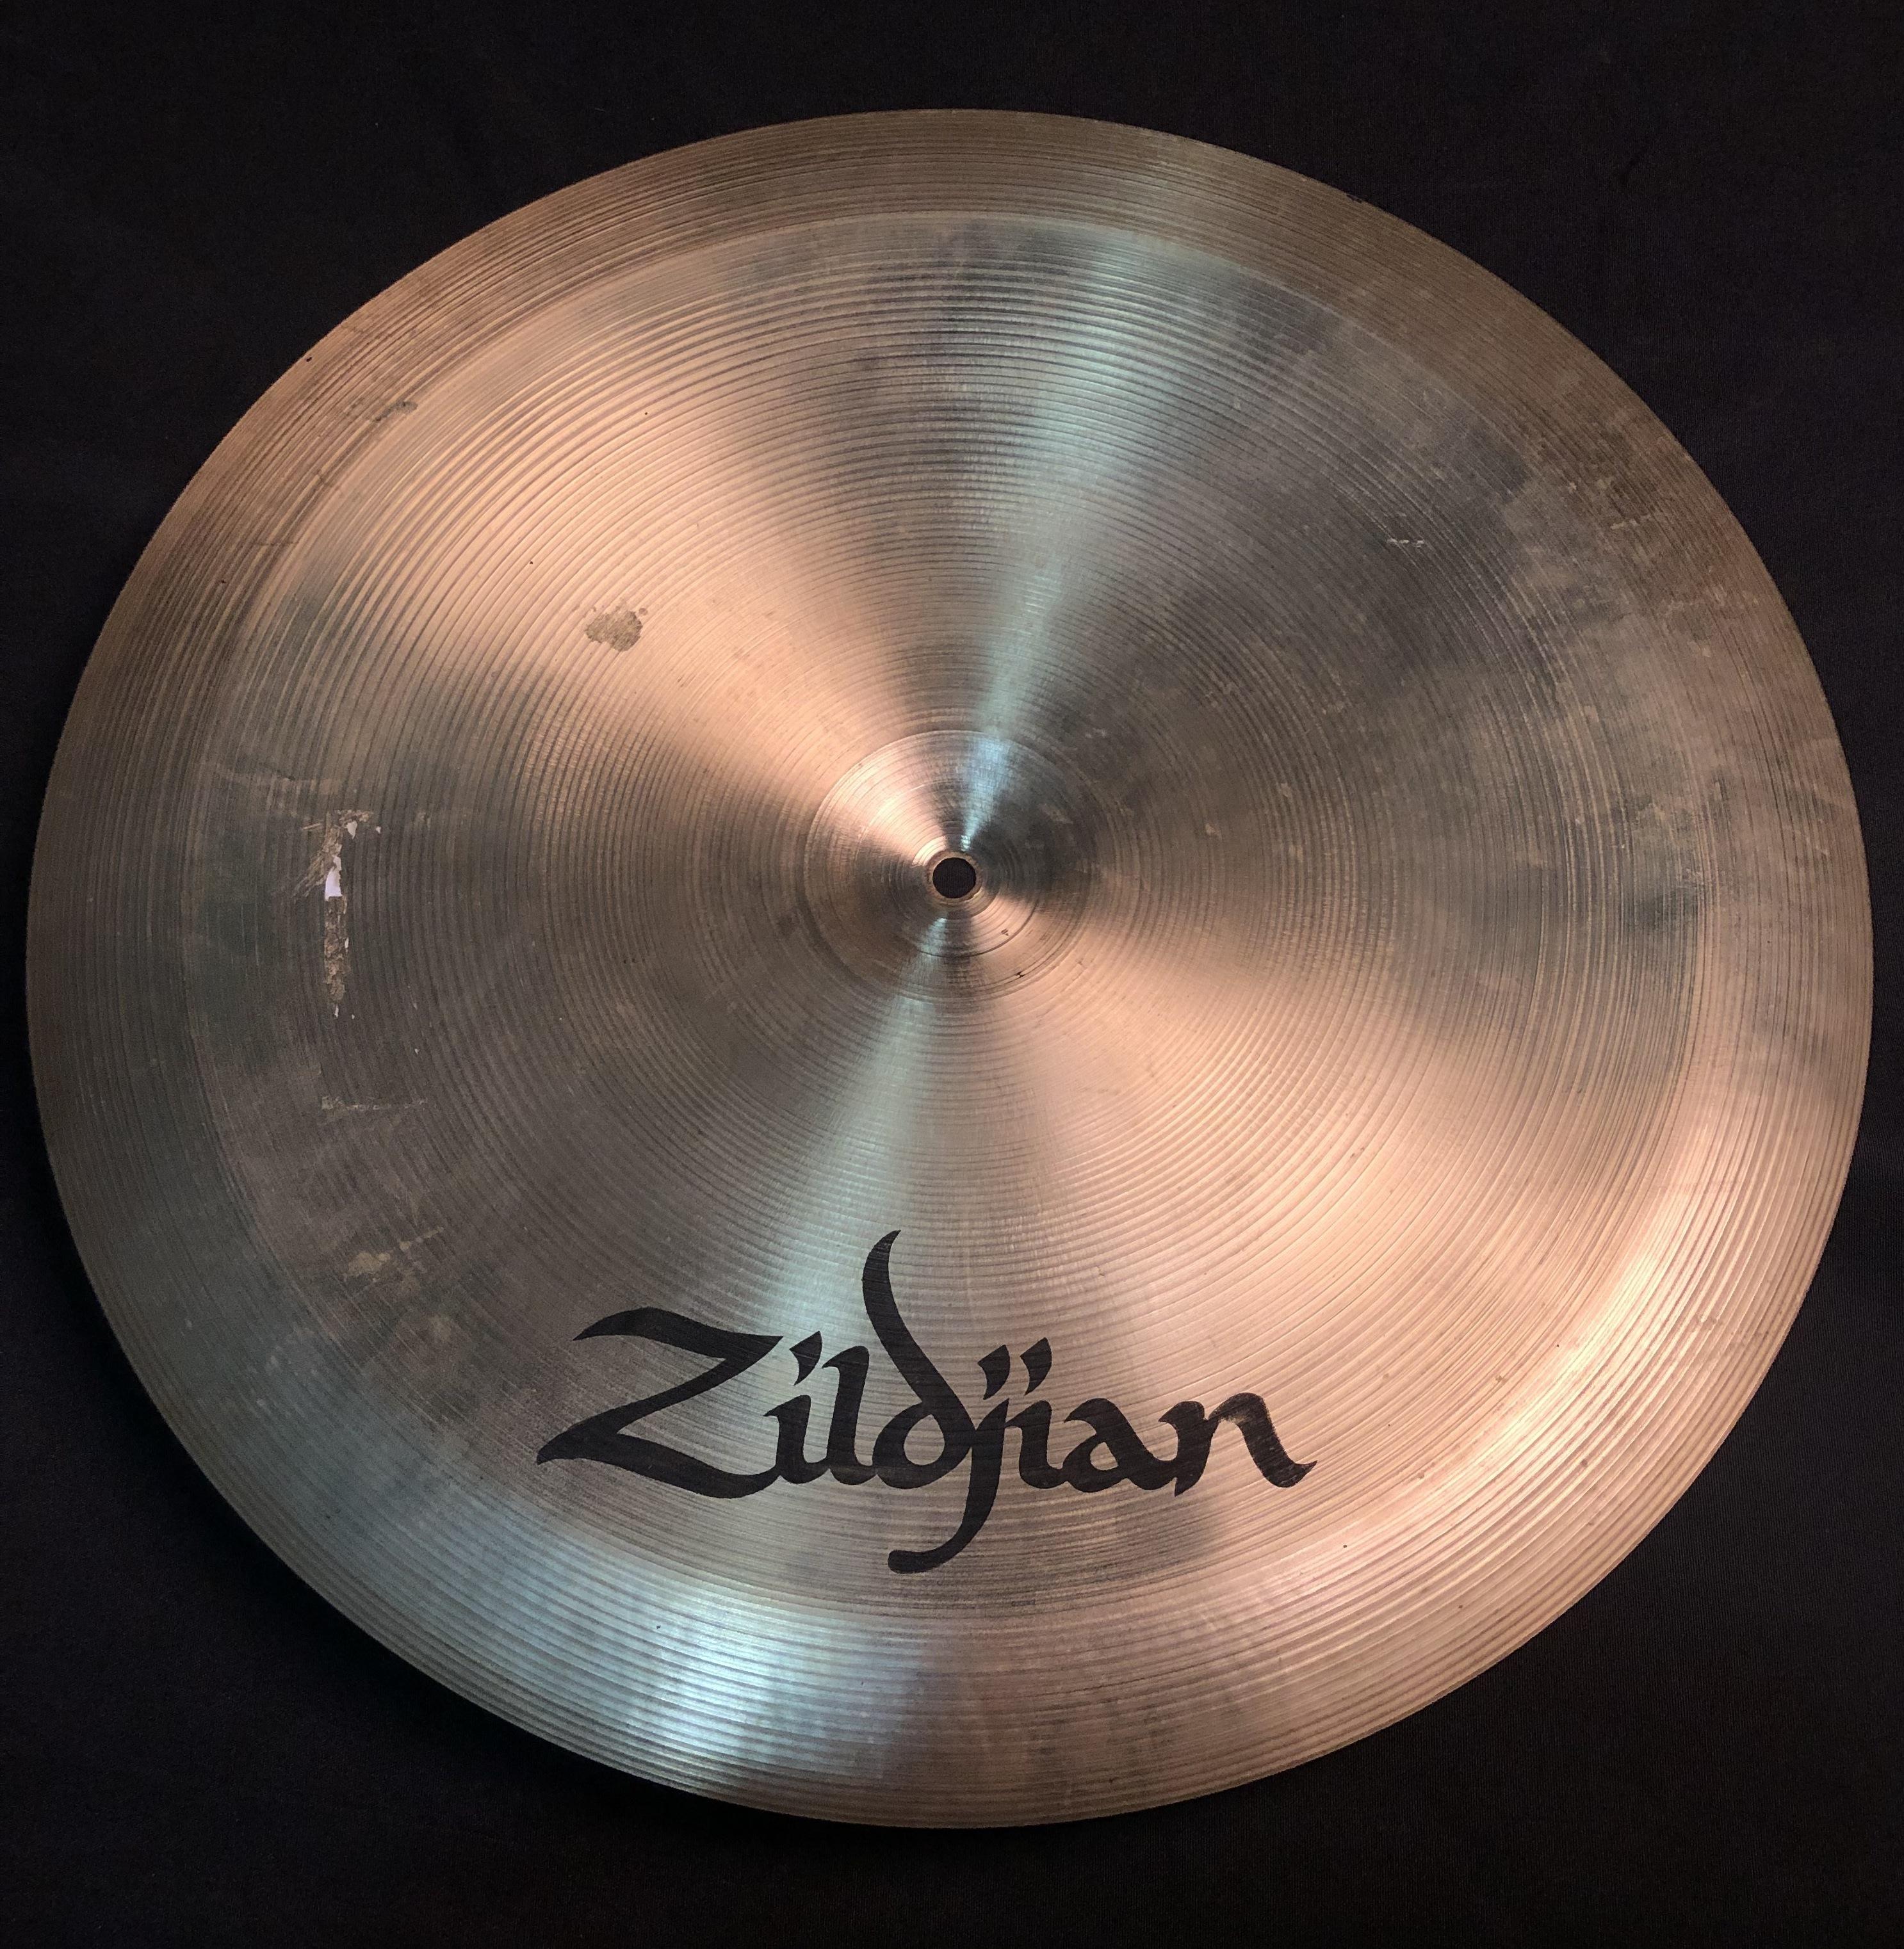 ZILDJIAN - China Boy Low Cymbal 20